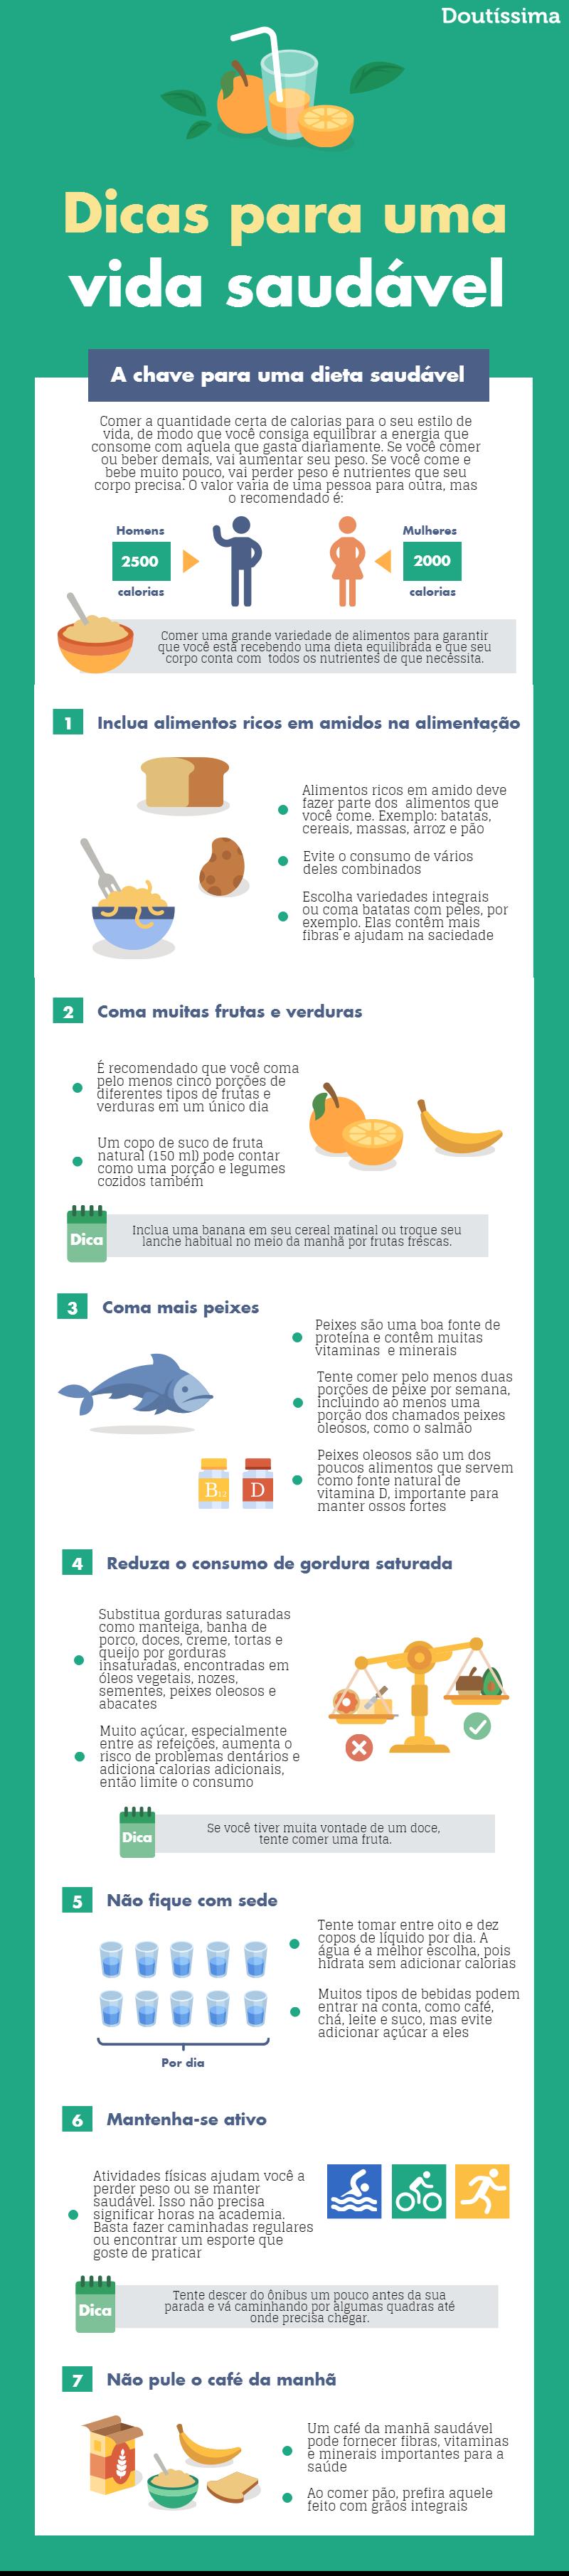 Comer com saúde